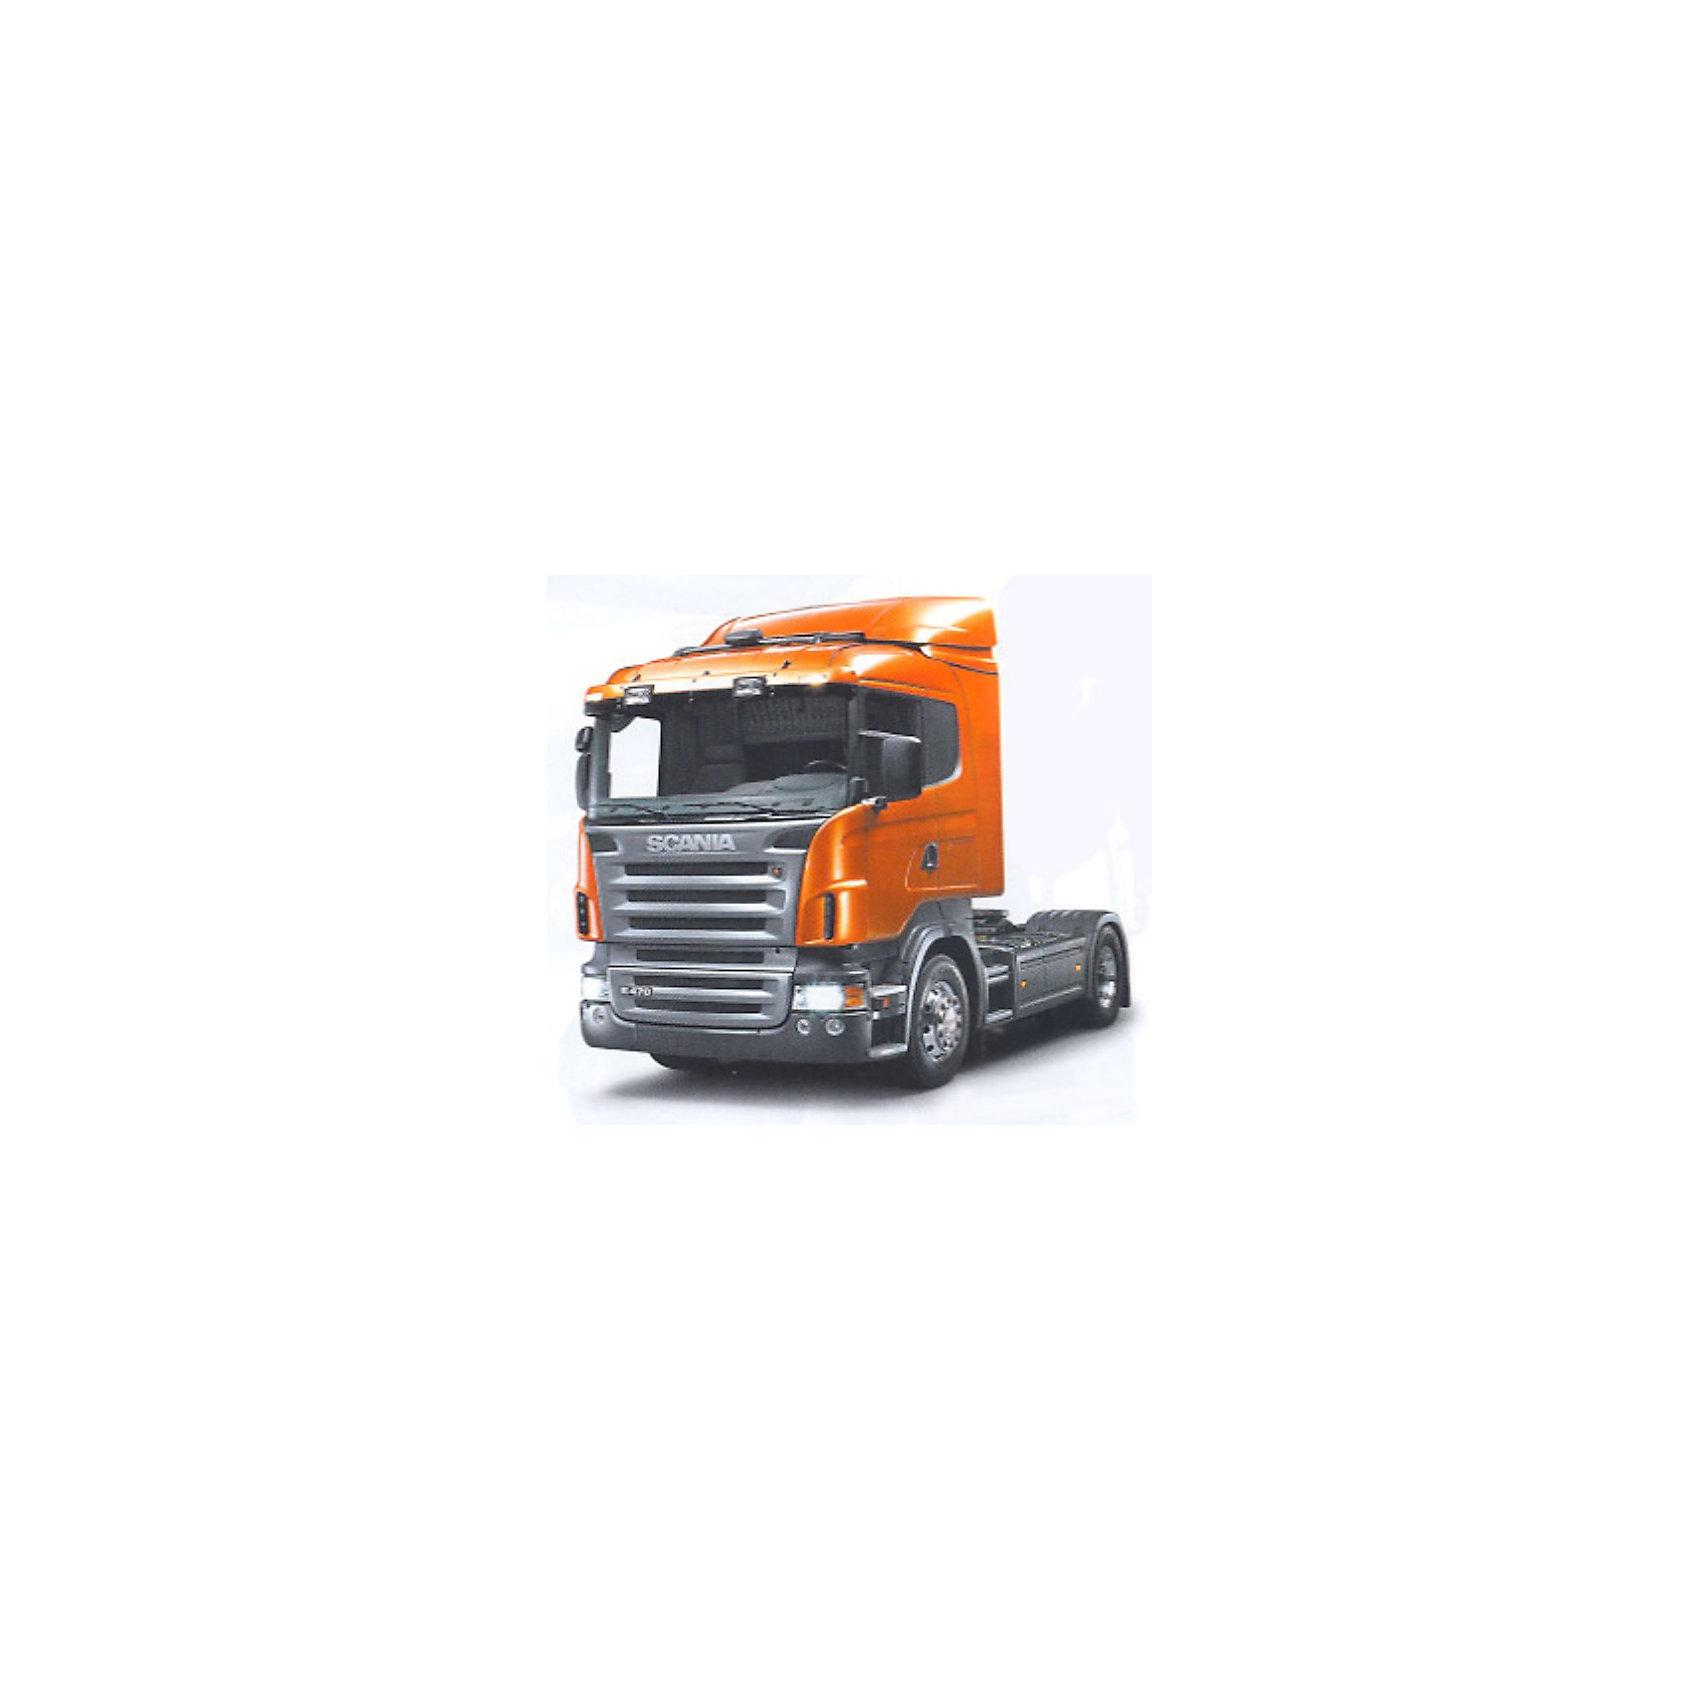 Welly Модель грузовика 1:32 Skahia R470Модель седельного тягача в масштабе 1:32.<br><br>У модели открываются дверки, есть инерционный механизм. Колёса вращаются. <br><br>Дополнительная информация:<br><br>Материал: металл с пластиковыми элементами. <br>Размер упаковки (д/ш/в): 24,5 х 12 х 15 см.<br><br>Модель станет отличным подарком для коллекционеров и начинающих автолюбителей.<br><br>Ширина мм: 245<br>Глубина мм: 120<br>Высота мм: 150<br>Вес г: 614<br>Возраст от месяцев: 84<br>Возраст до месяцев: 1188<br>Пол: Мужской<br>Возраст: Детский<br>SKU: 2150033